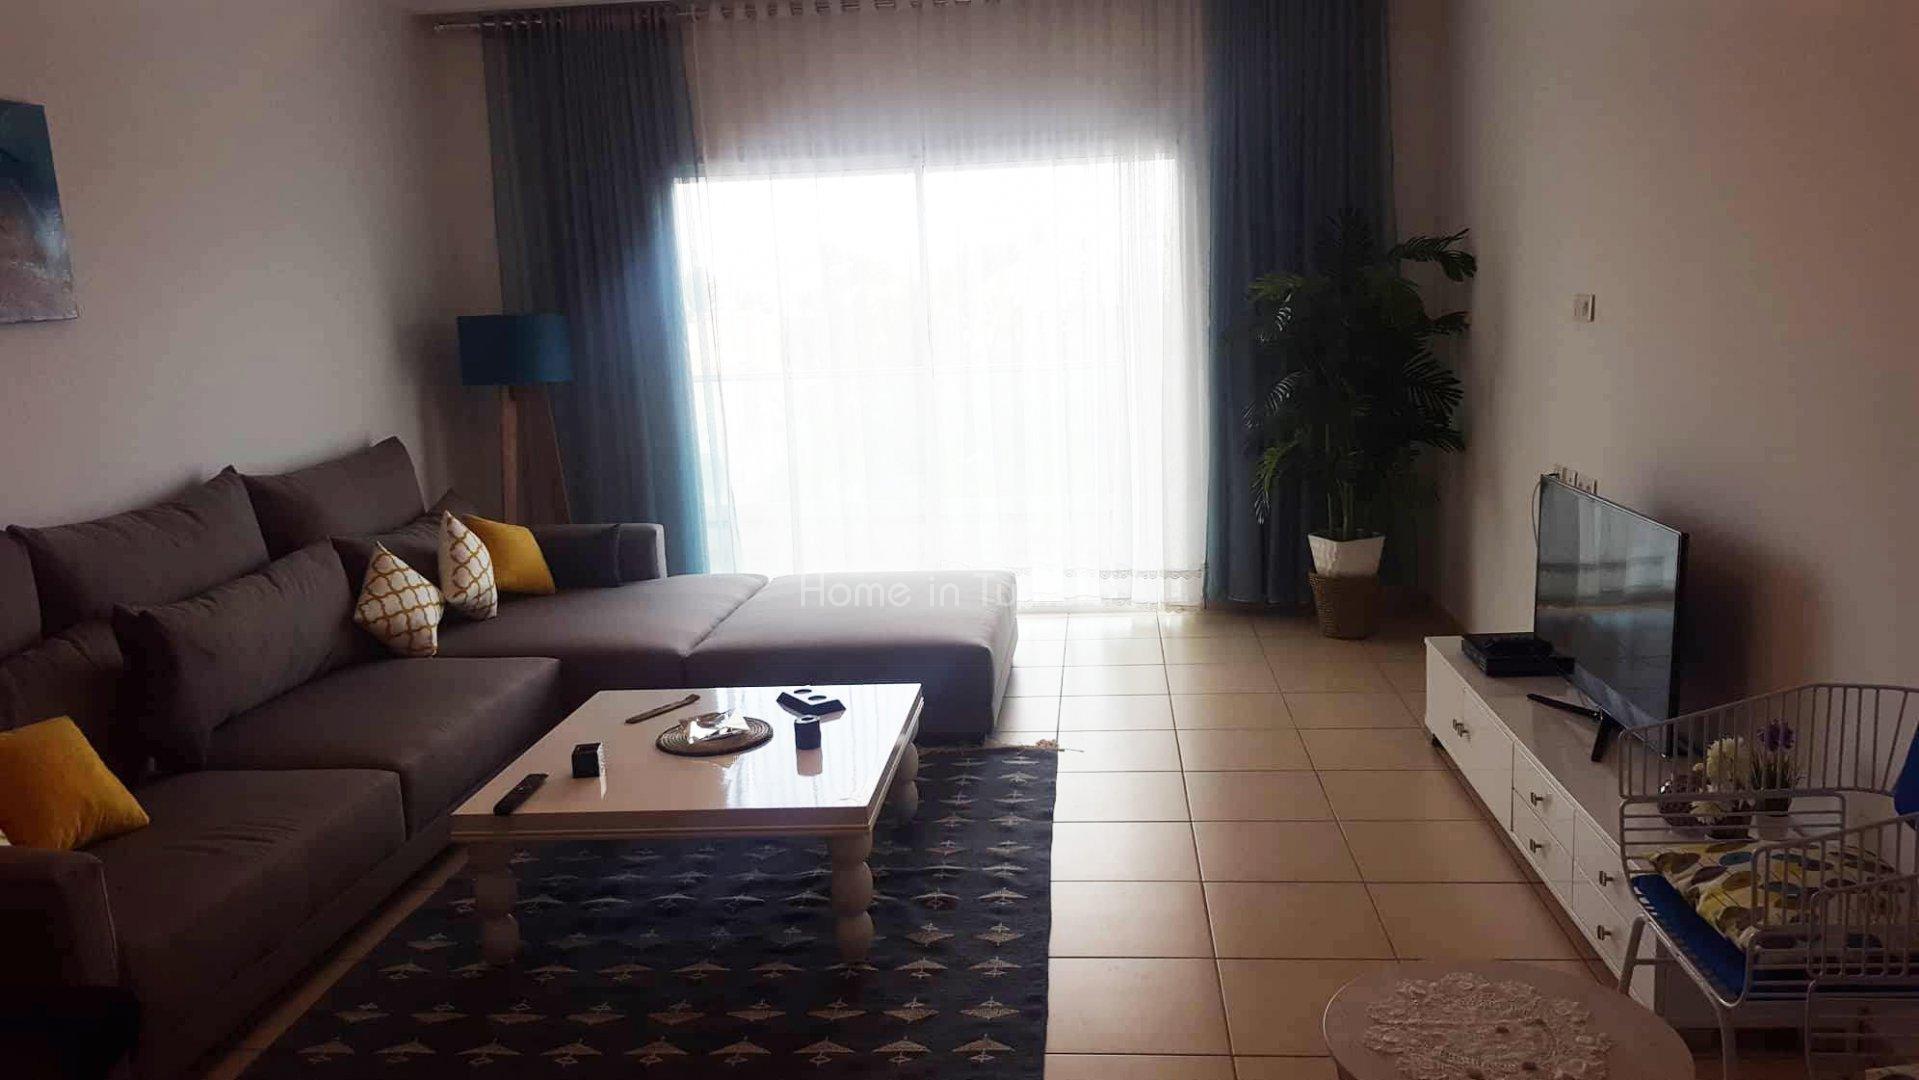 Location Appartement S+2 Zone Touristique Mahdia